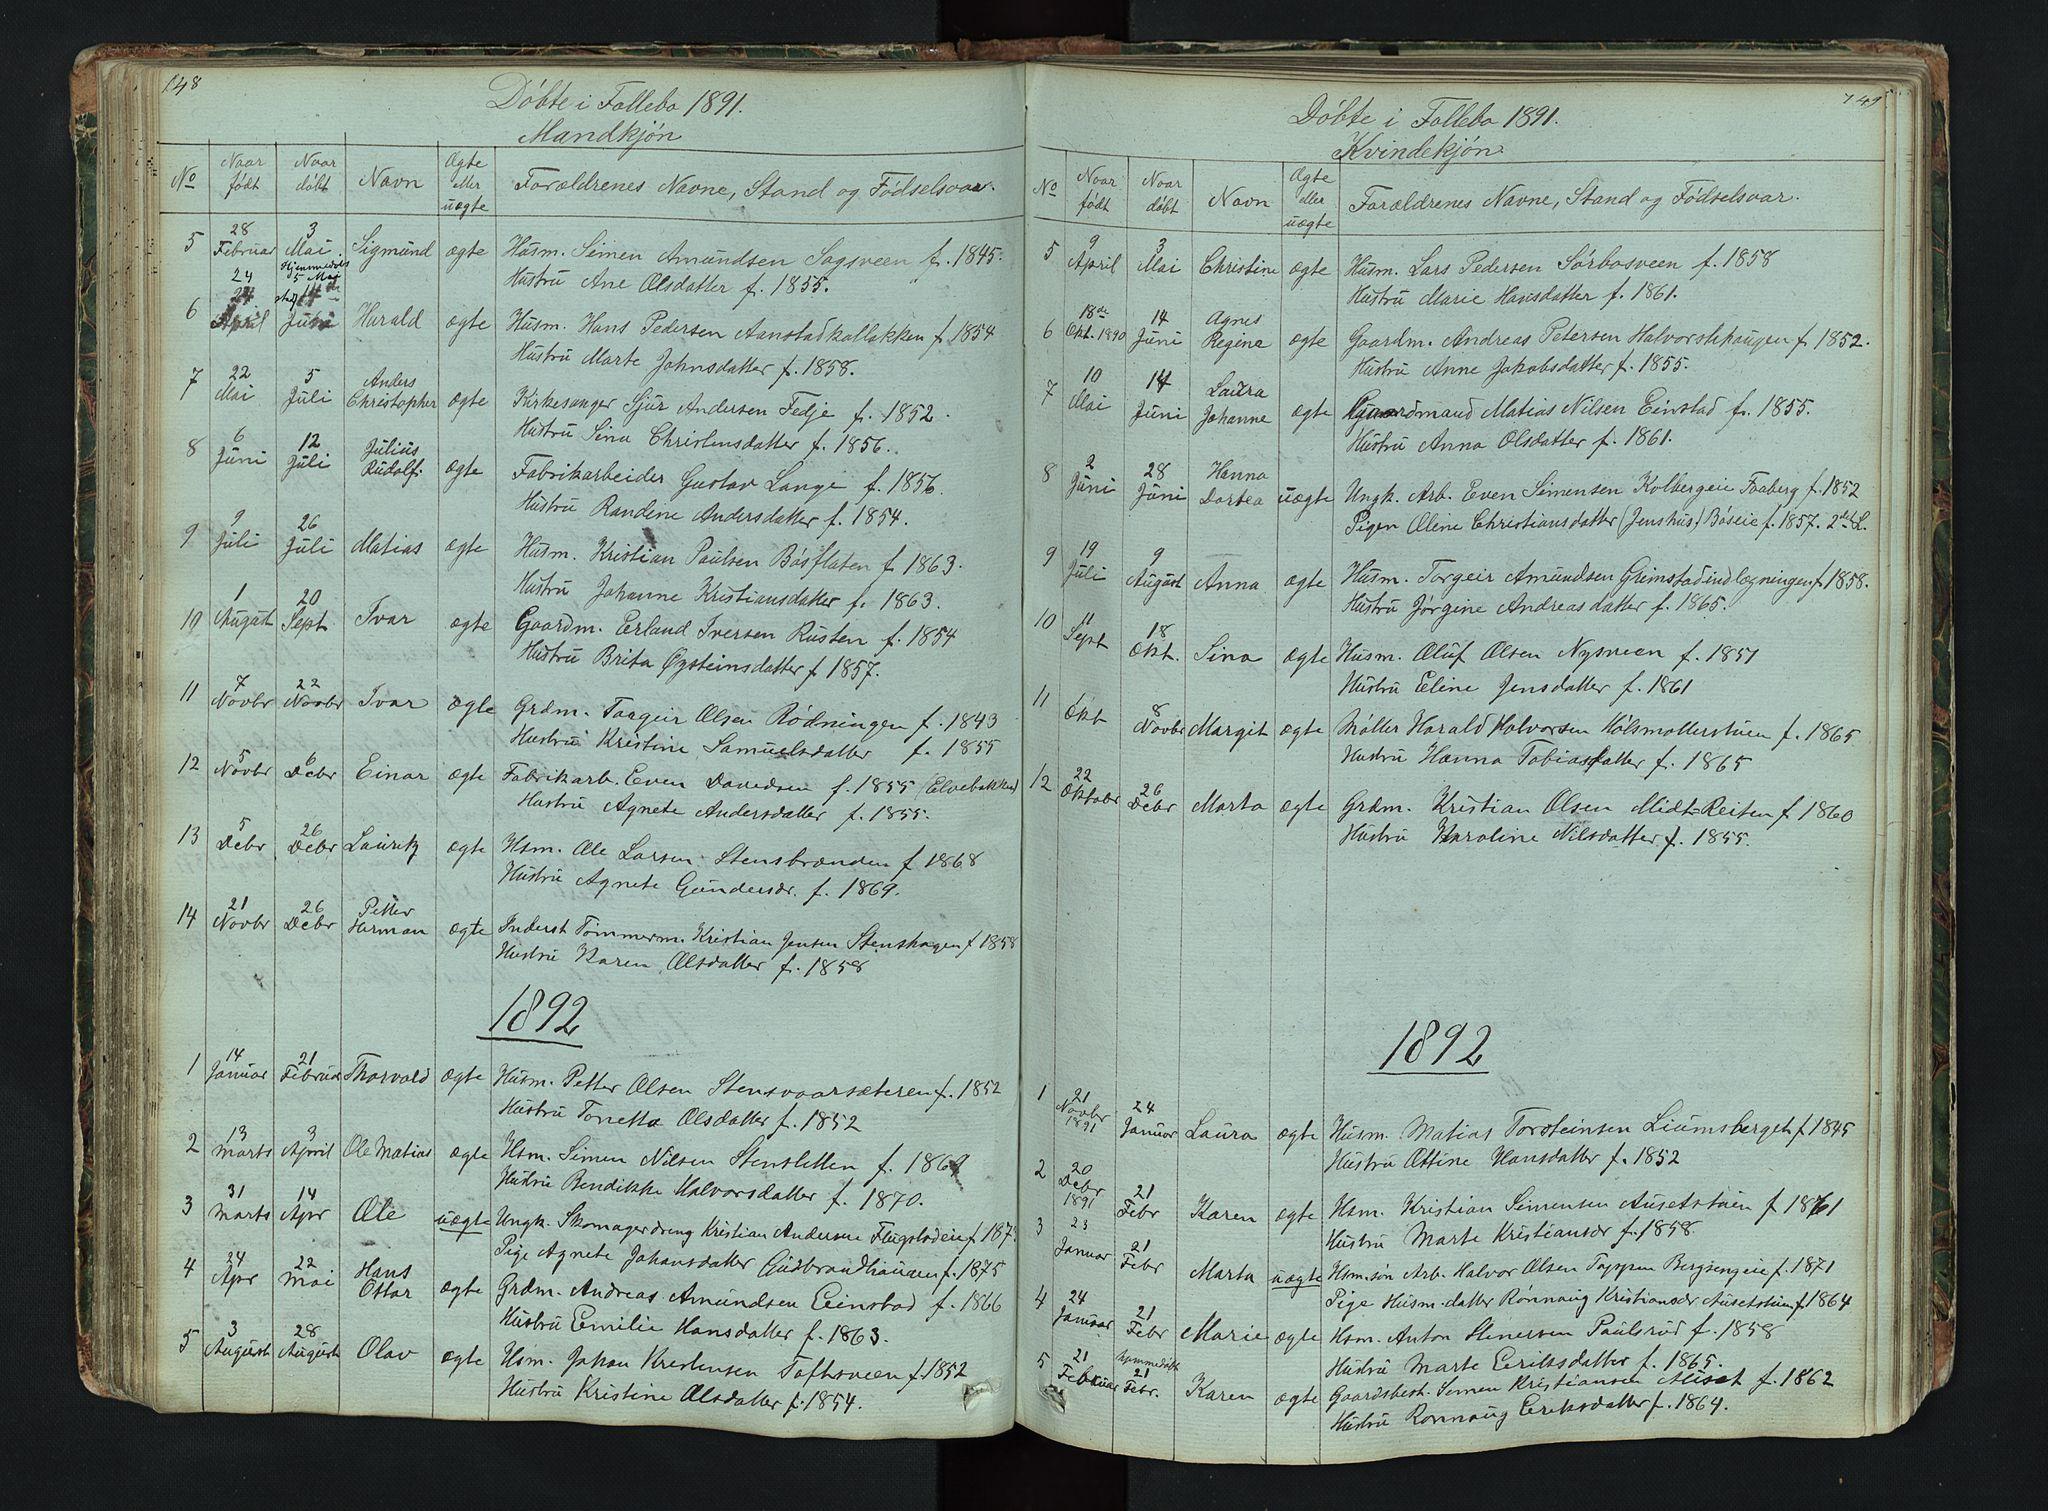 SAH, Gausdal prestekontor, Klokkerbok nr. 6, 1846-1893, s. 148-149